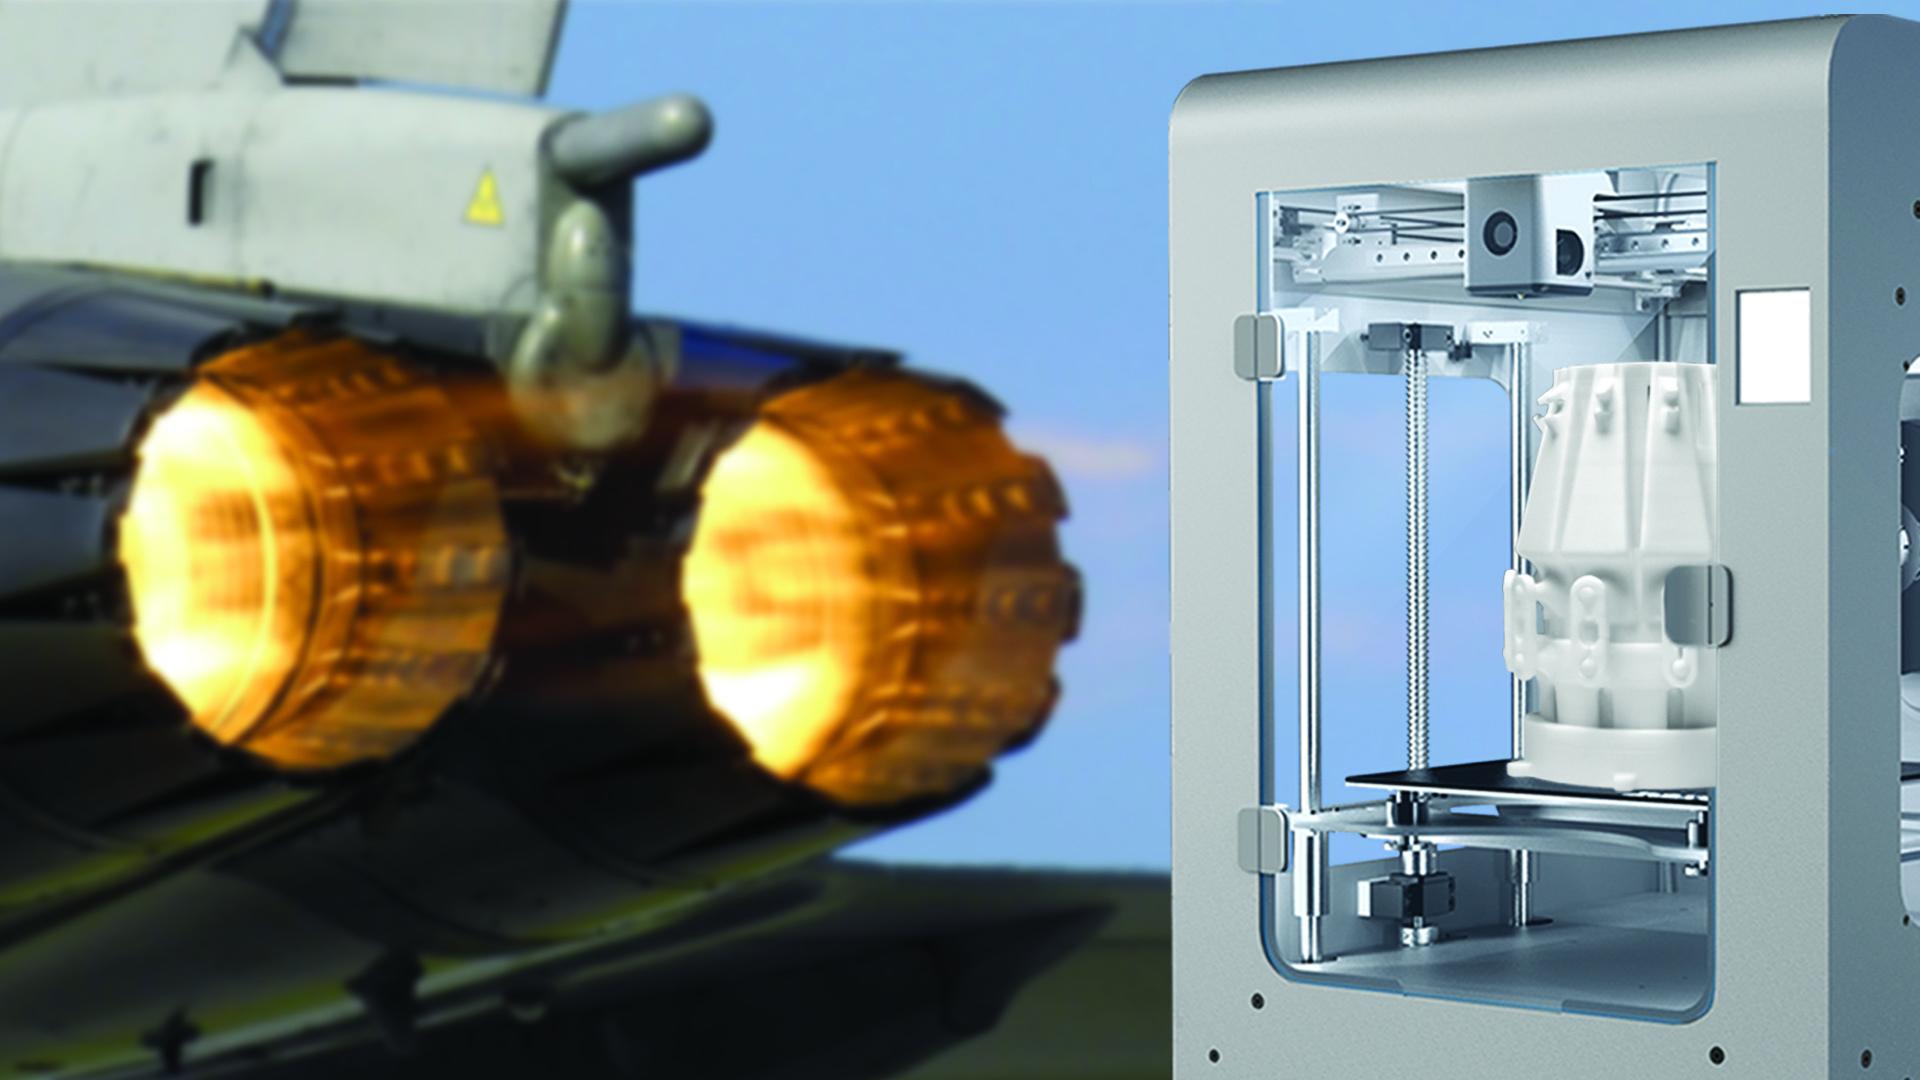 Uzay Programlarında ve Türkiye' nin Ay hedefinde 3D yazıcılar önemli yer kaplıyor